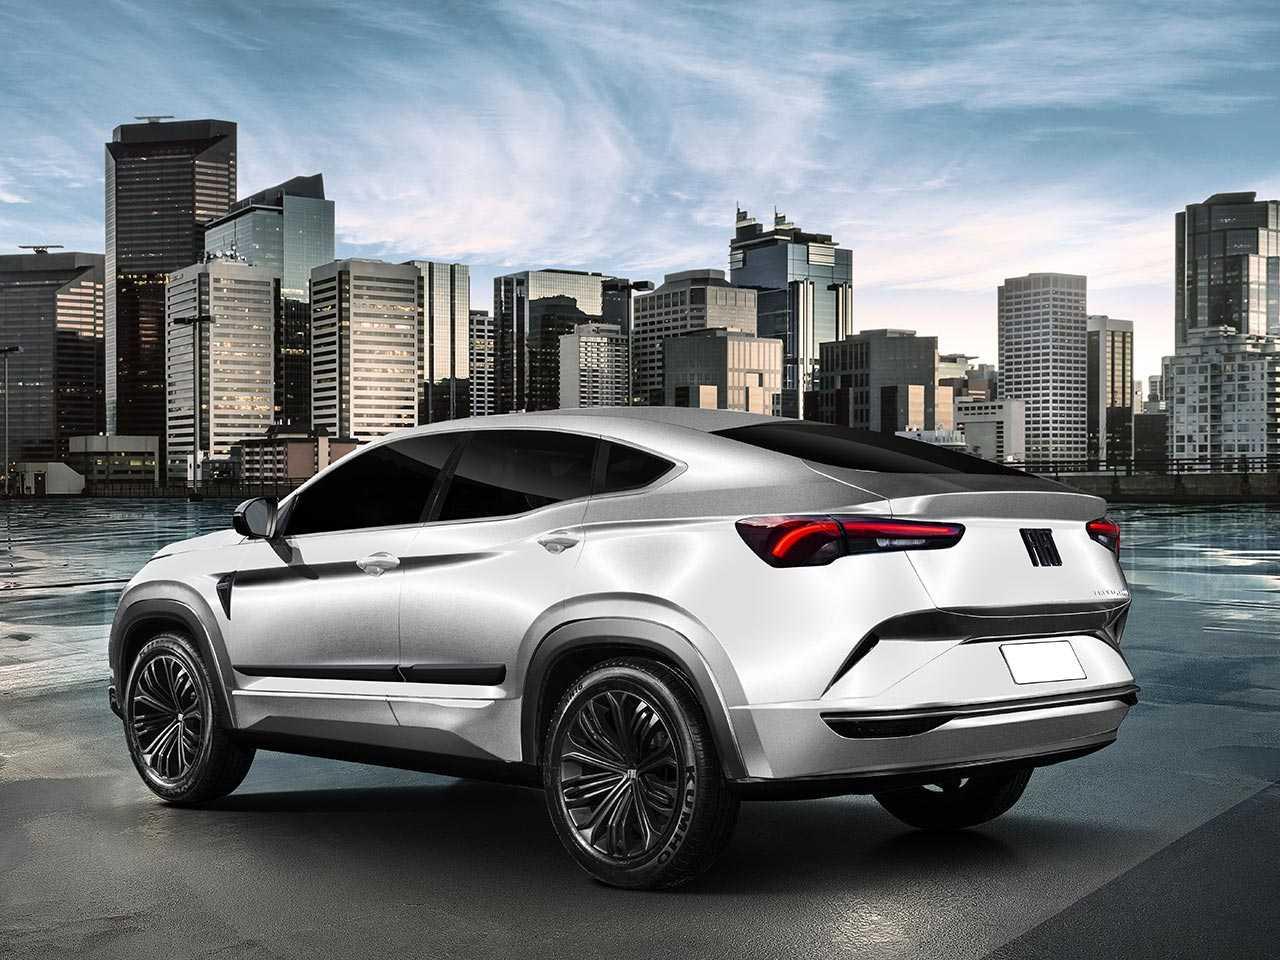 Fiat vai investir em um SUV-cupê no Brasil: novidade provavelmente deverá atuar no segmento de médio porte